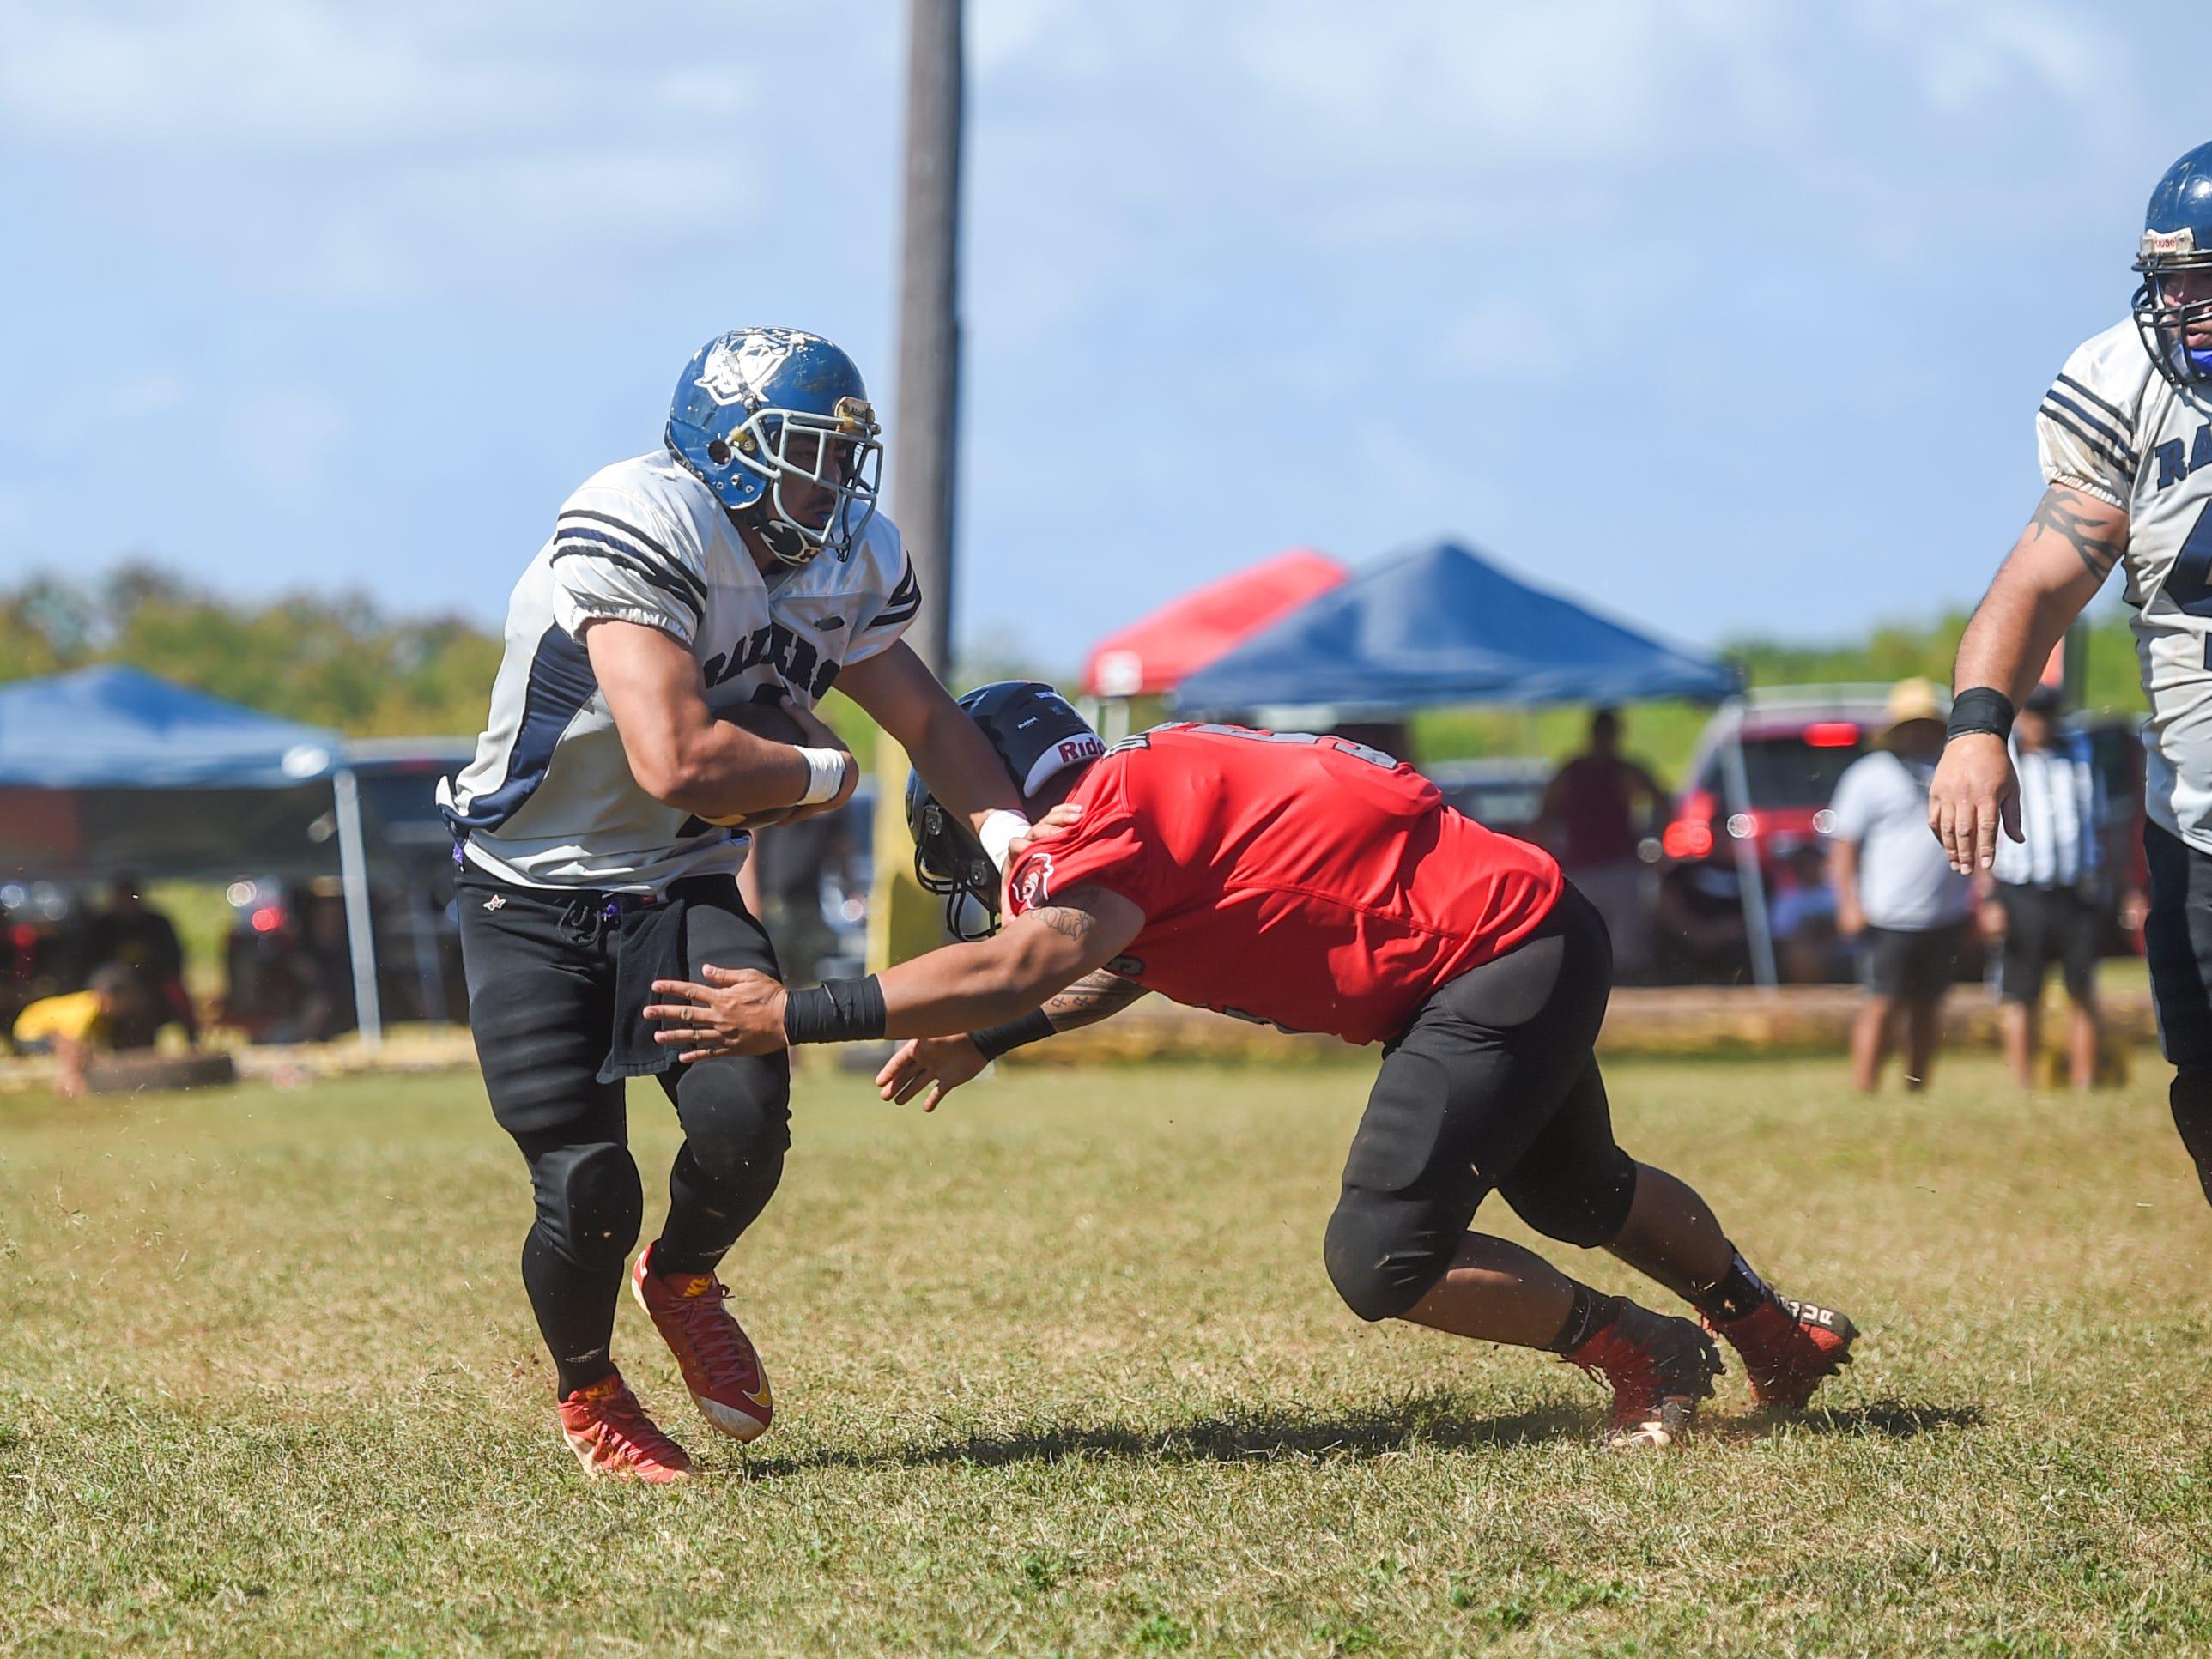 Guam Raiders player Kellen Kawasaki runs the ball against the Outlaws during their Budweiser Guahan Varsity Football League game at Eagles Field in Mangilao, Feb. 16, 2019.